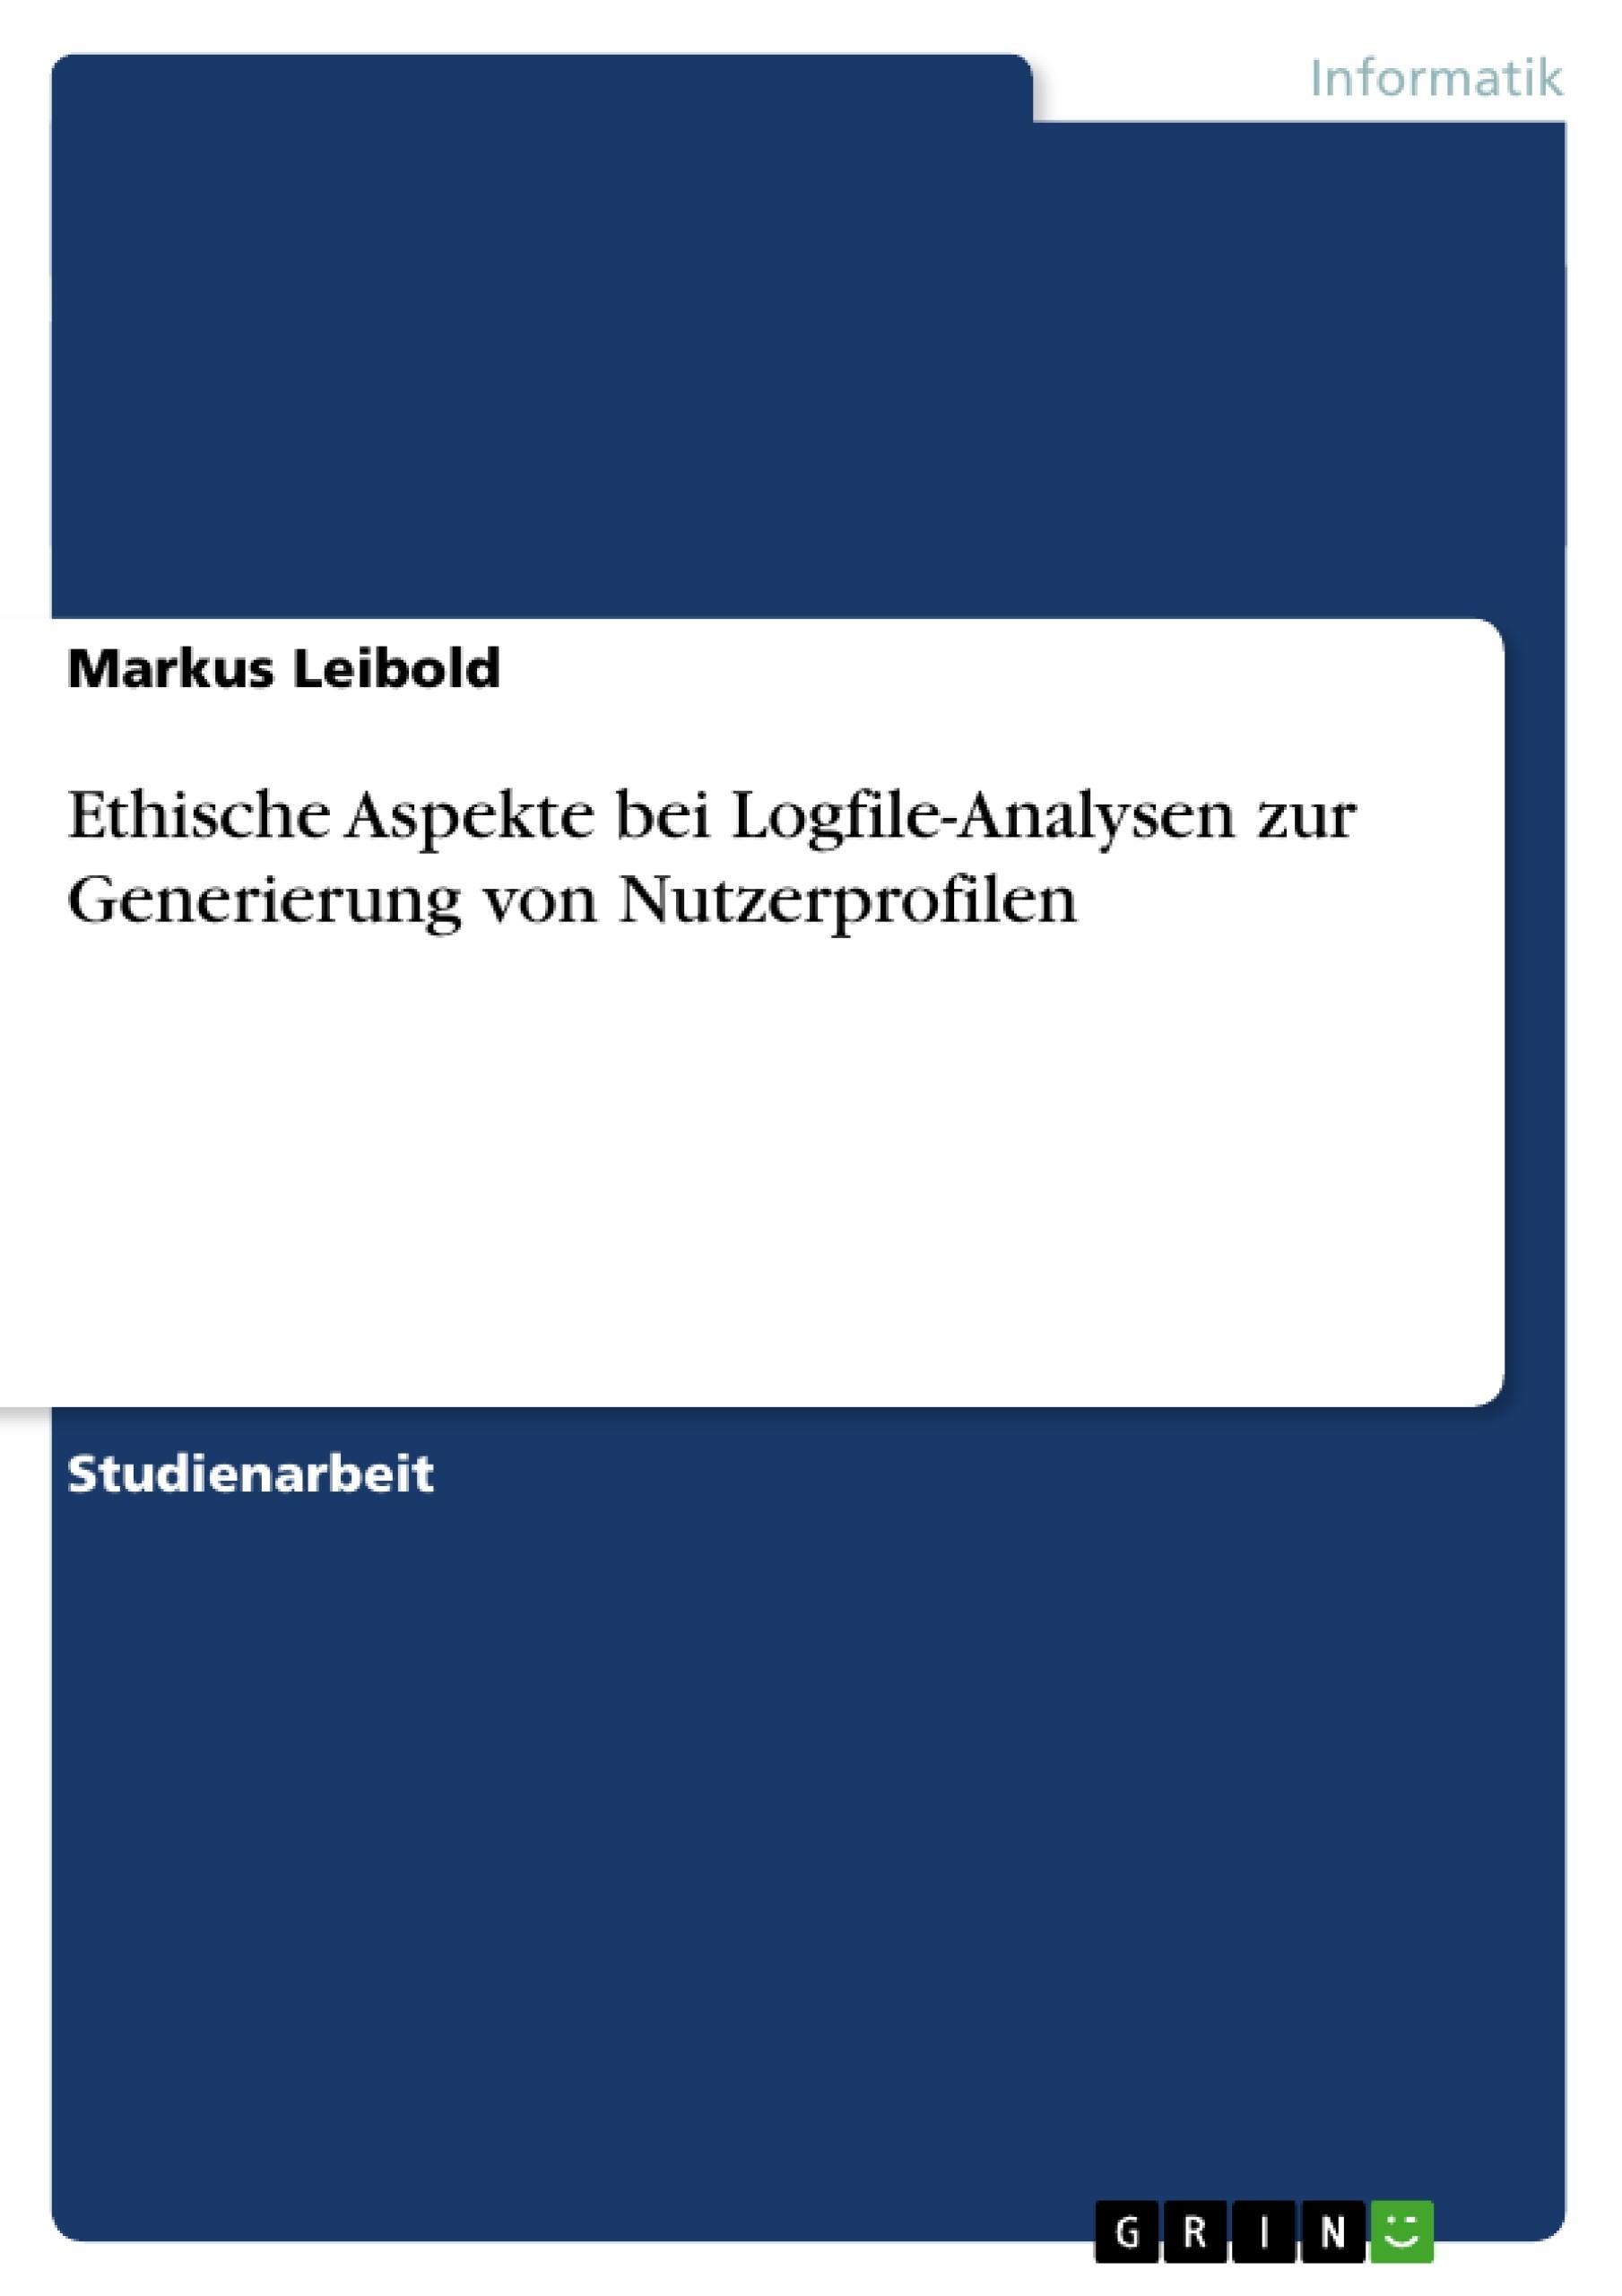 Titel: Ethische Aspekte bei Logfile-Analysen zur Generierung von Nutzerprofilen